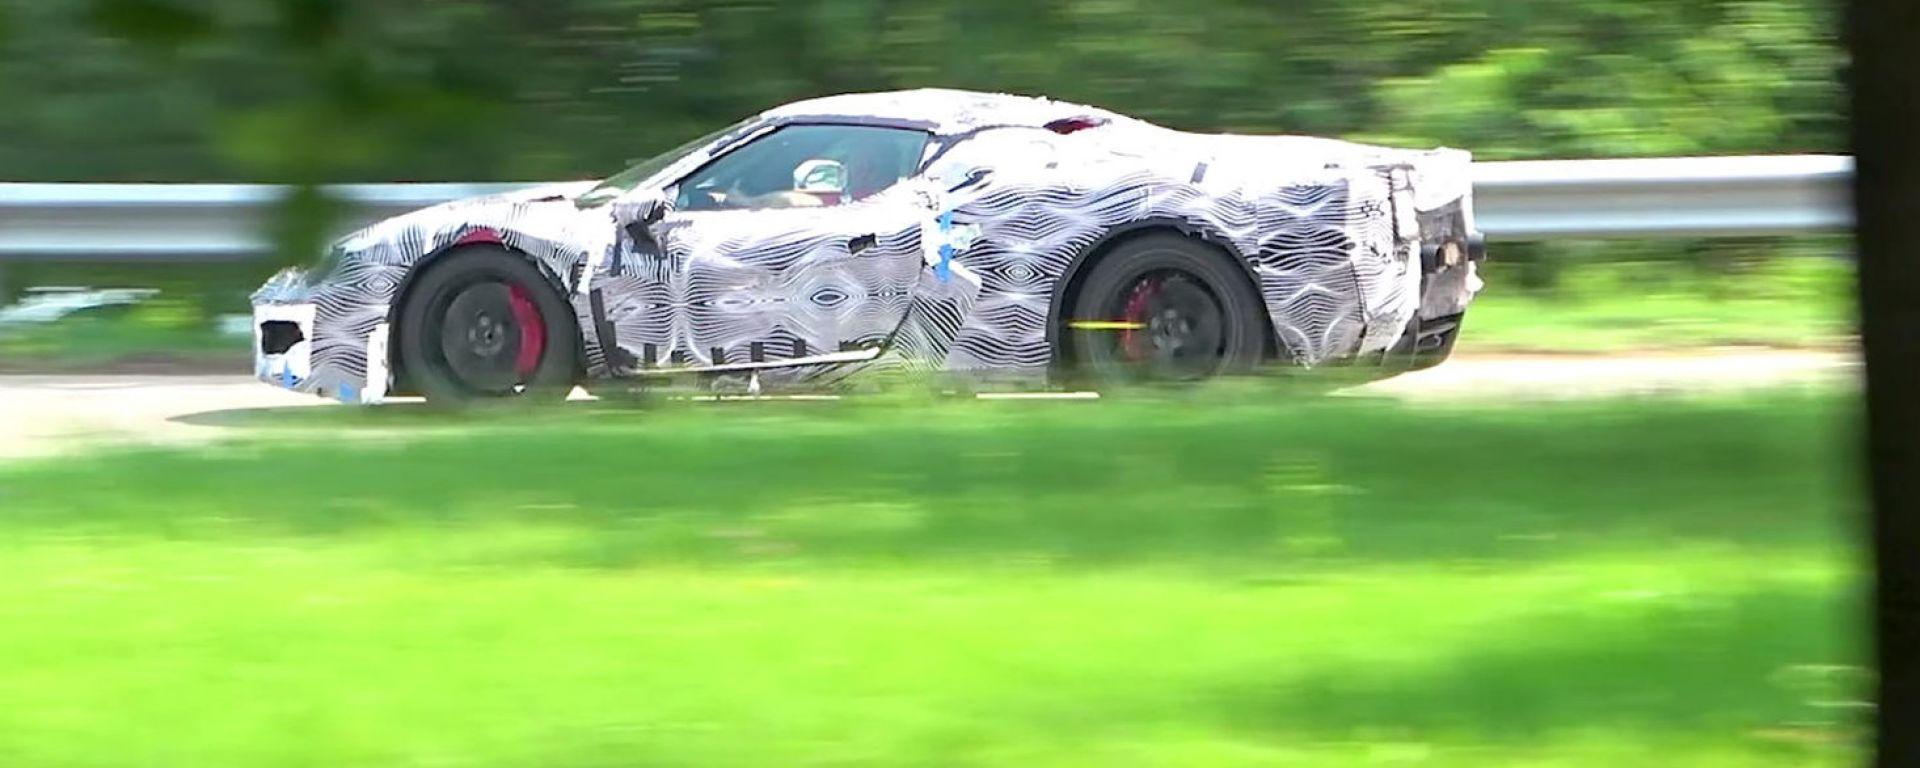 Nuova Ferrari V6 Hybrid spiata in video. Il sound? Alza il volume